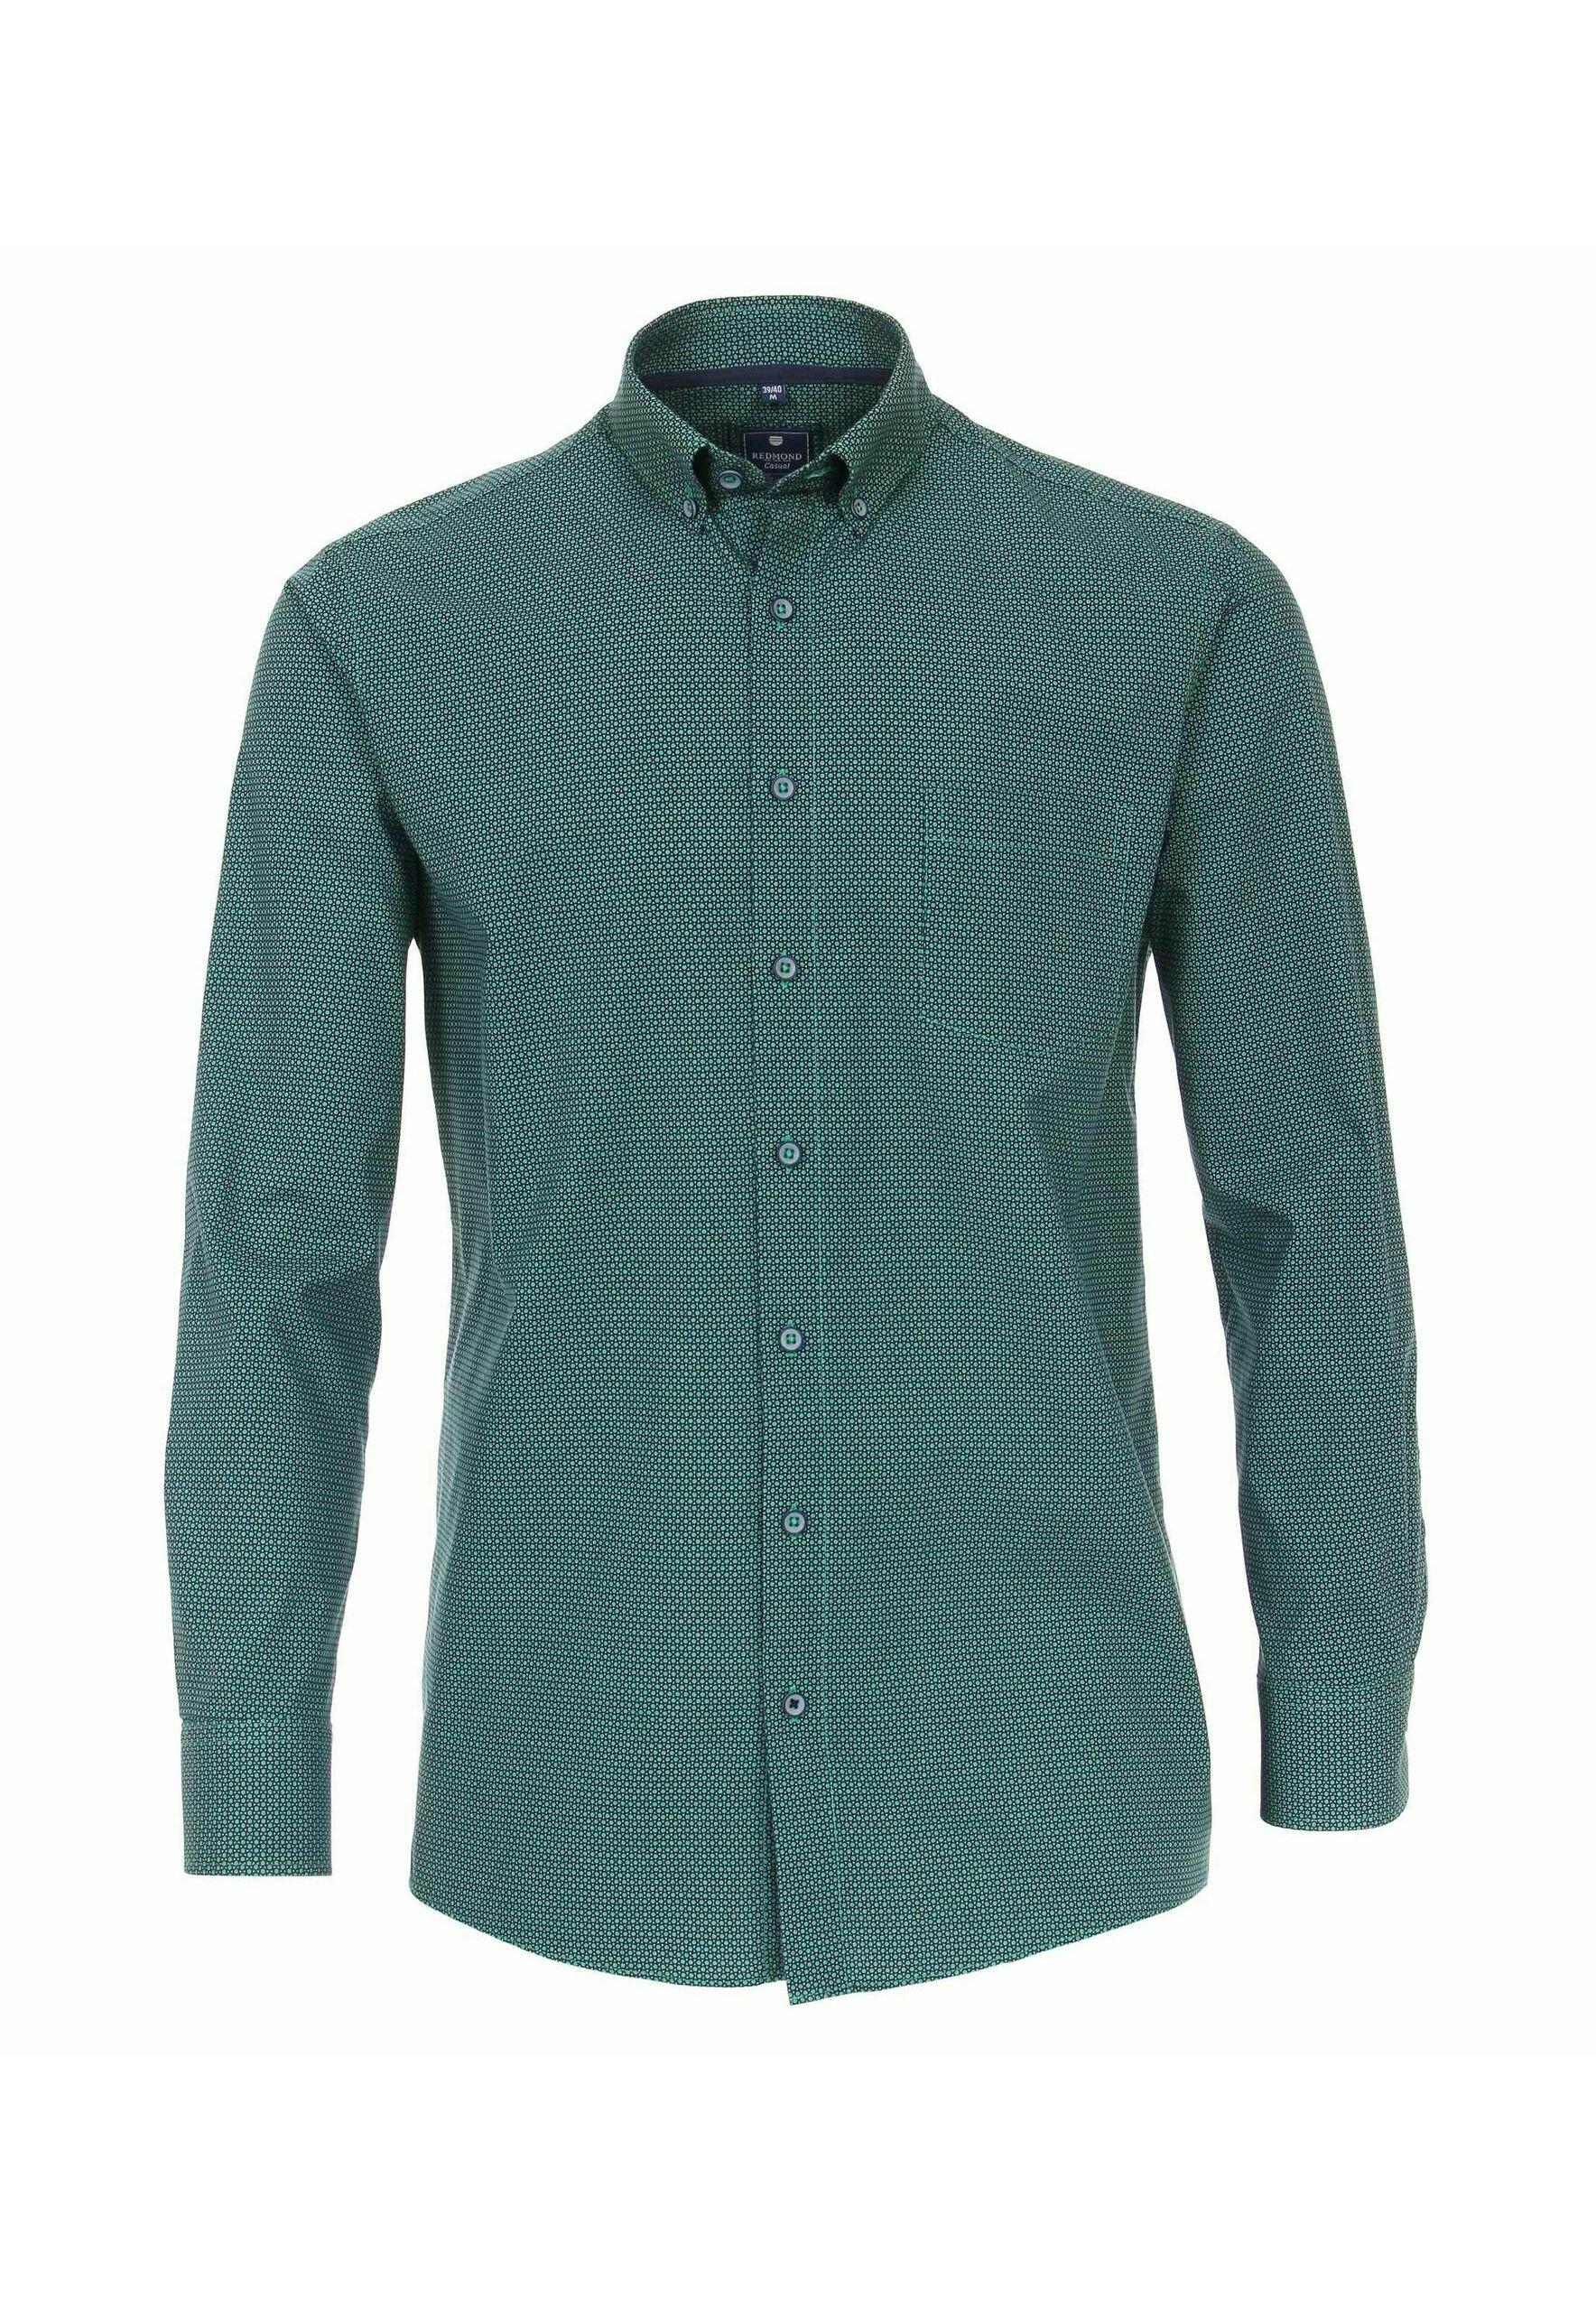 Herren Hemd - grün